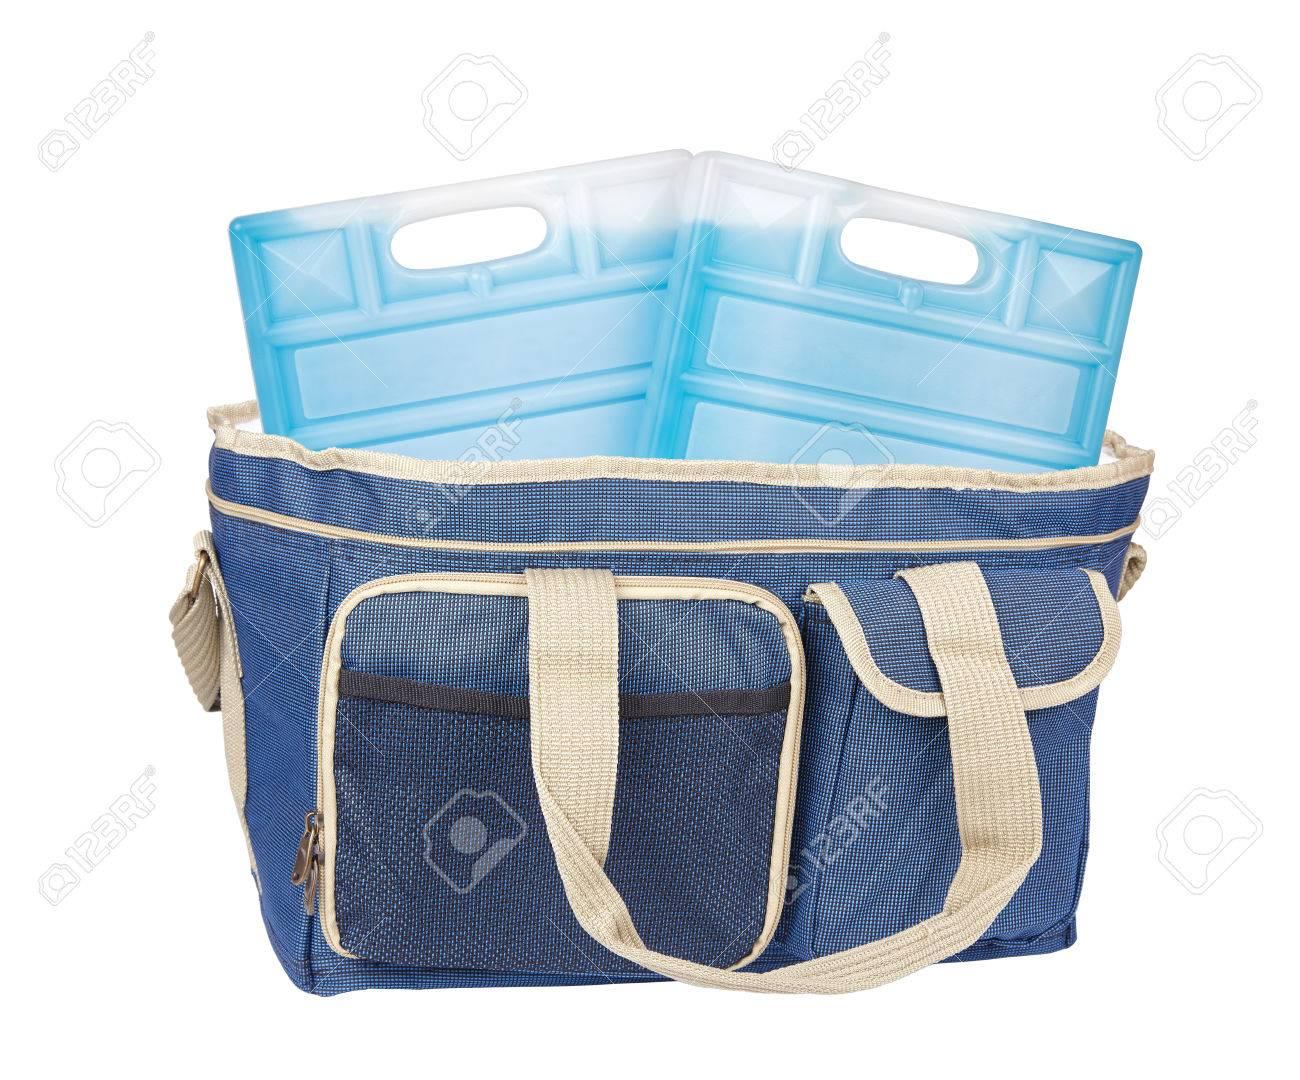 Kühlschrank Camping : Thermotasche und zwei gefrierpack tragbare kühlschrank für